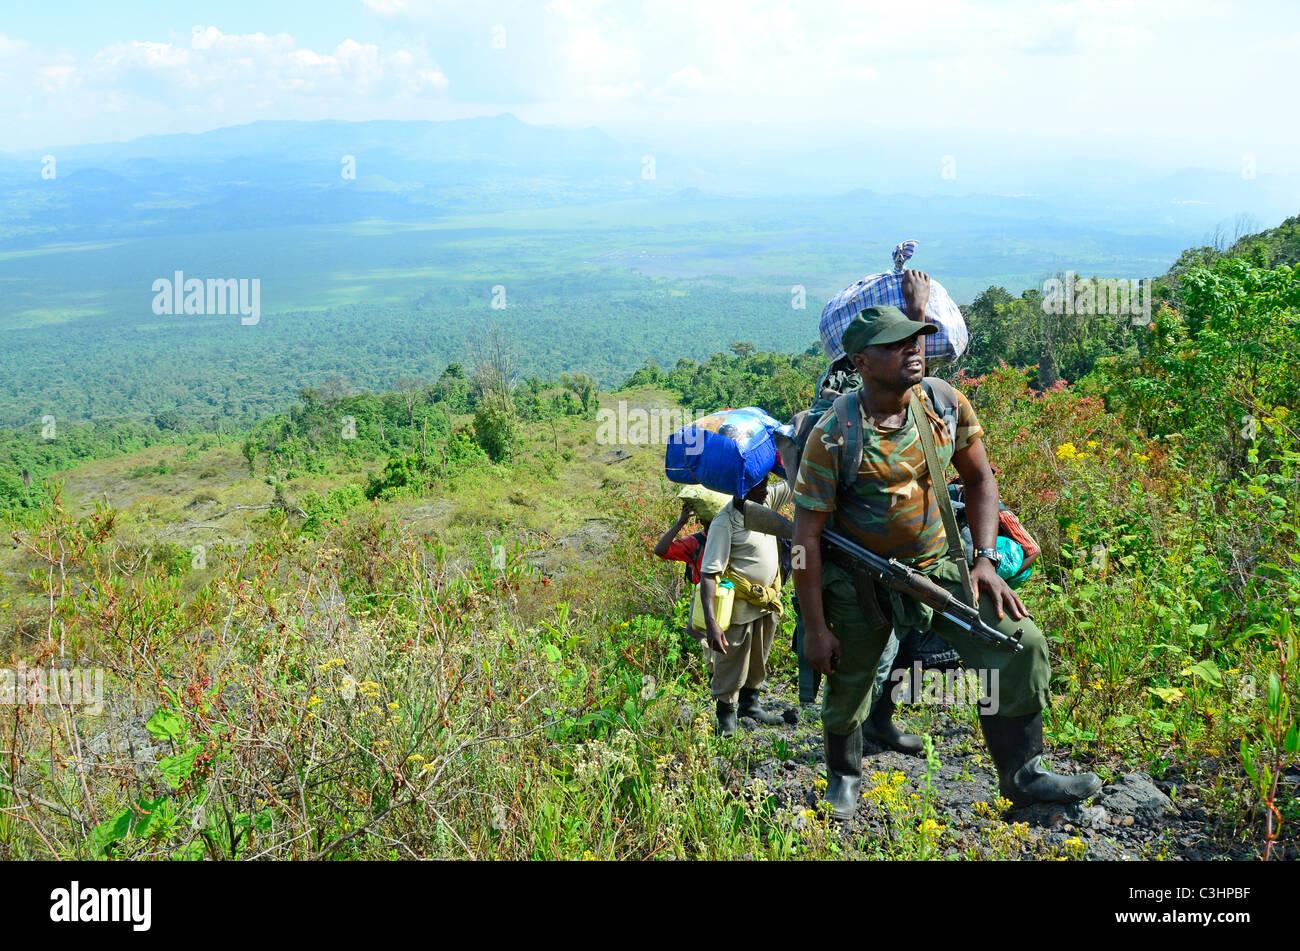 Senderismo en el Nyiragongo volcán activo en la región alpina del Parque Nacional de Virunga, en el este Imagen De Stock